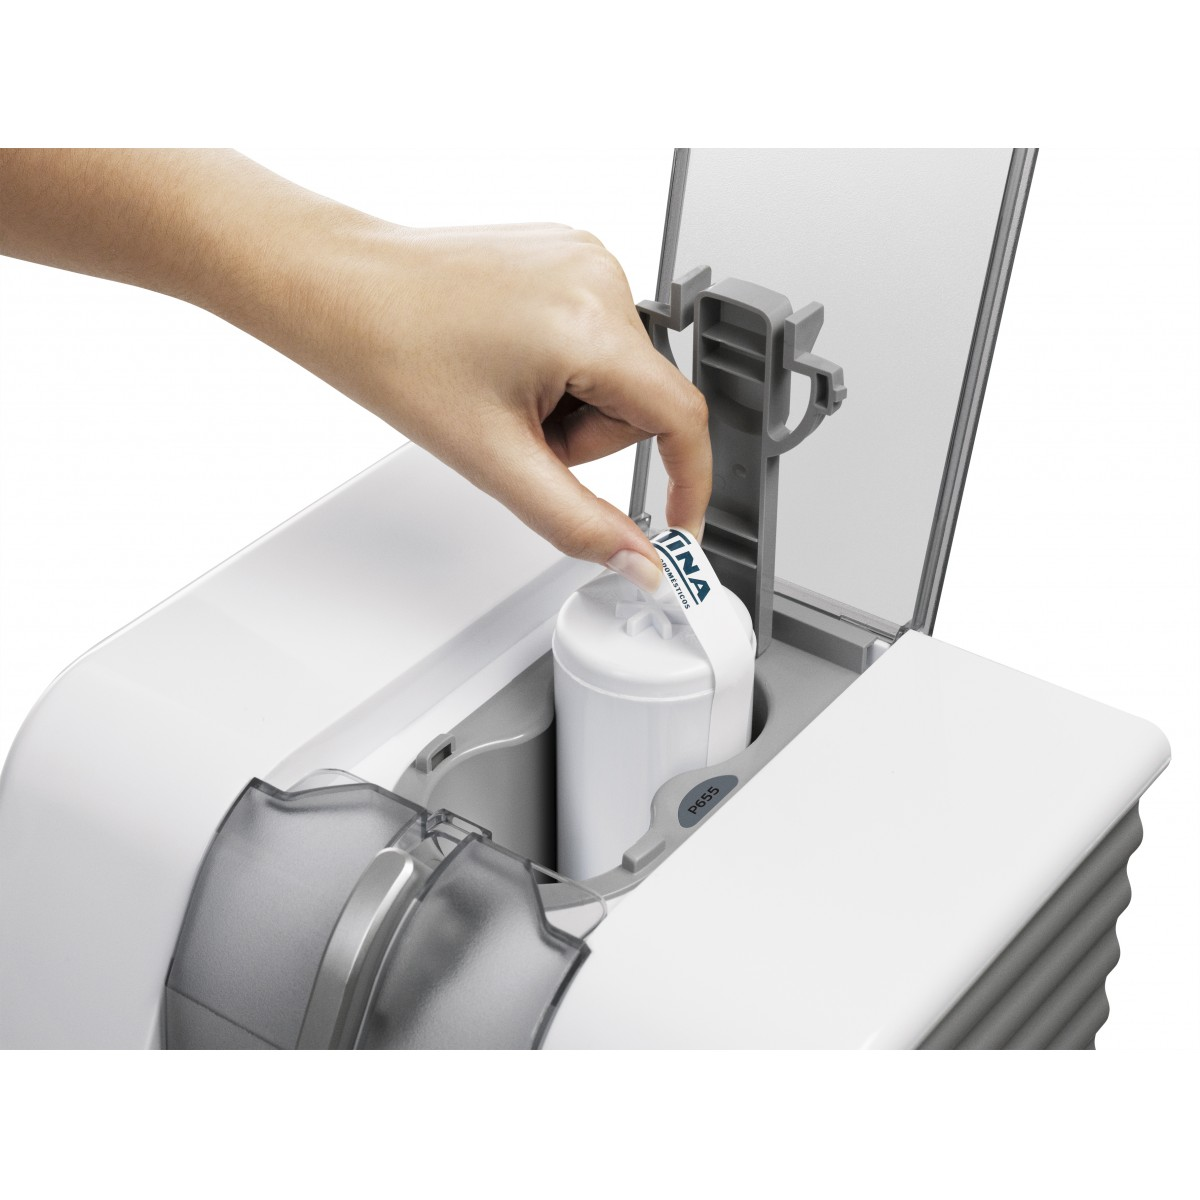 Purificador de Água Refrigerado Latina PA731  - ShopNoroeste.com.br